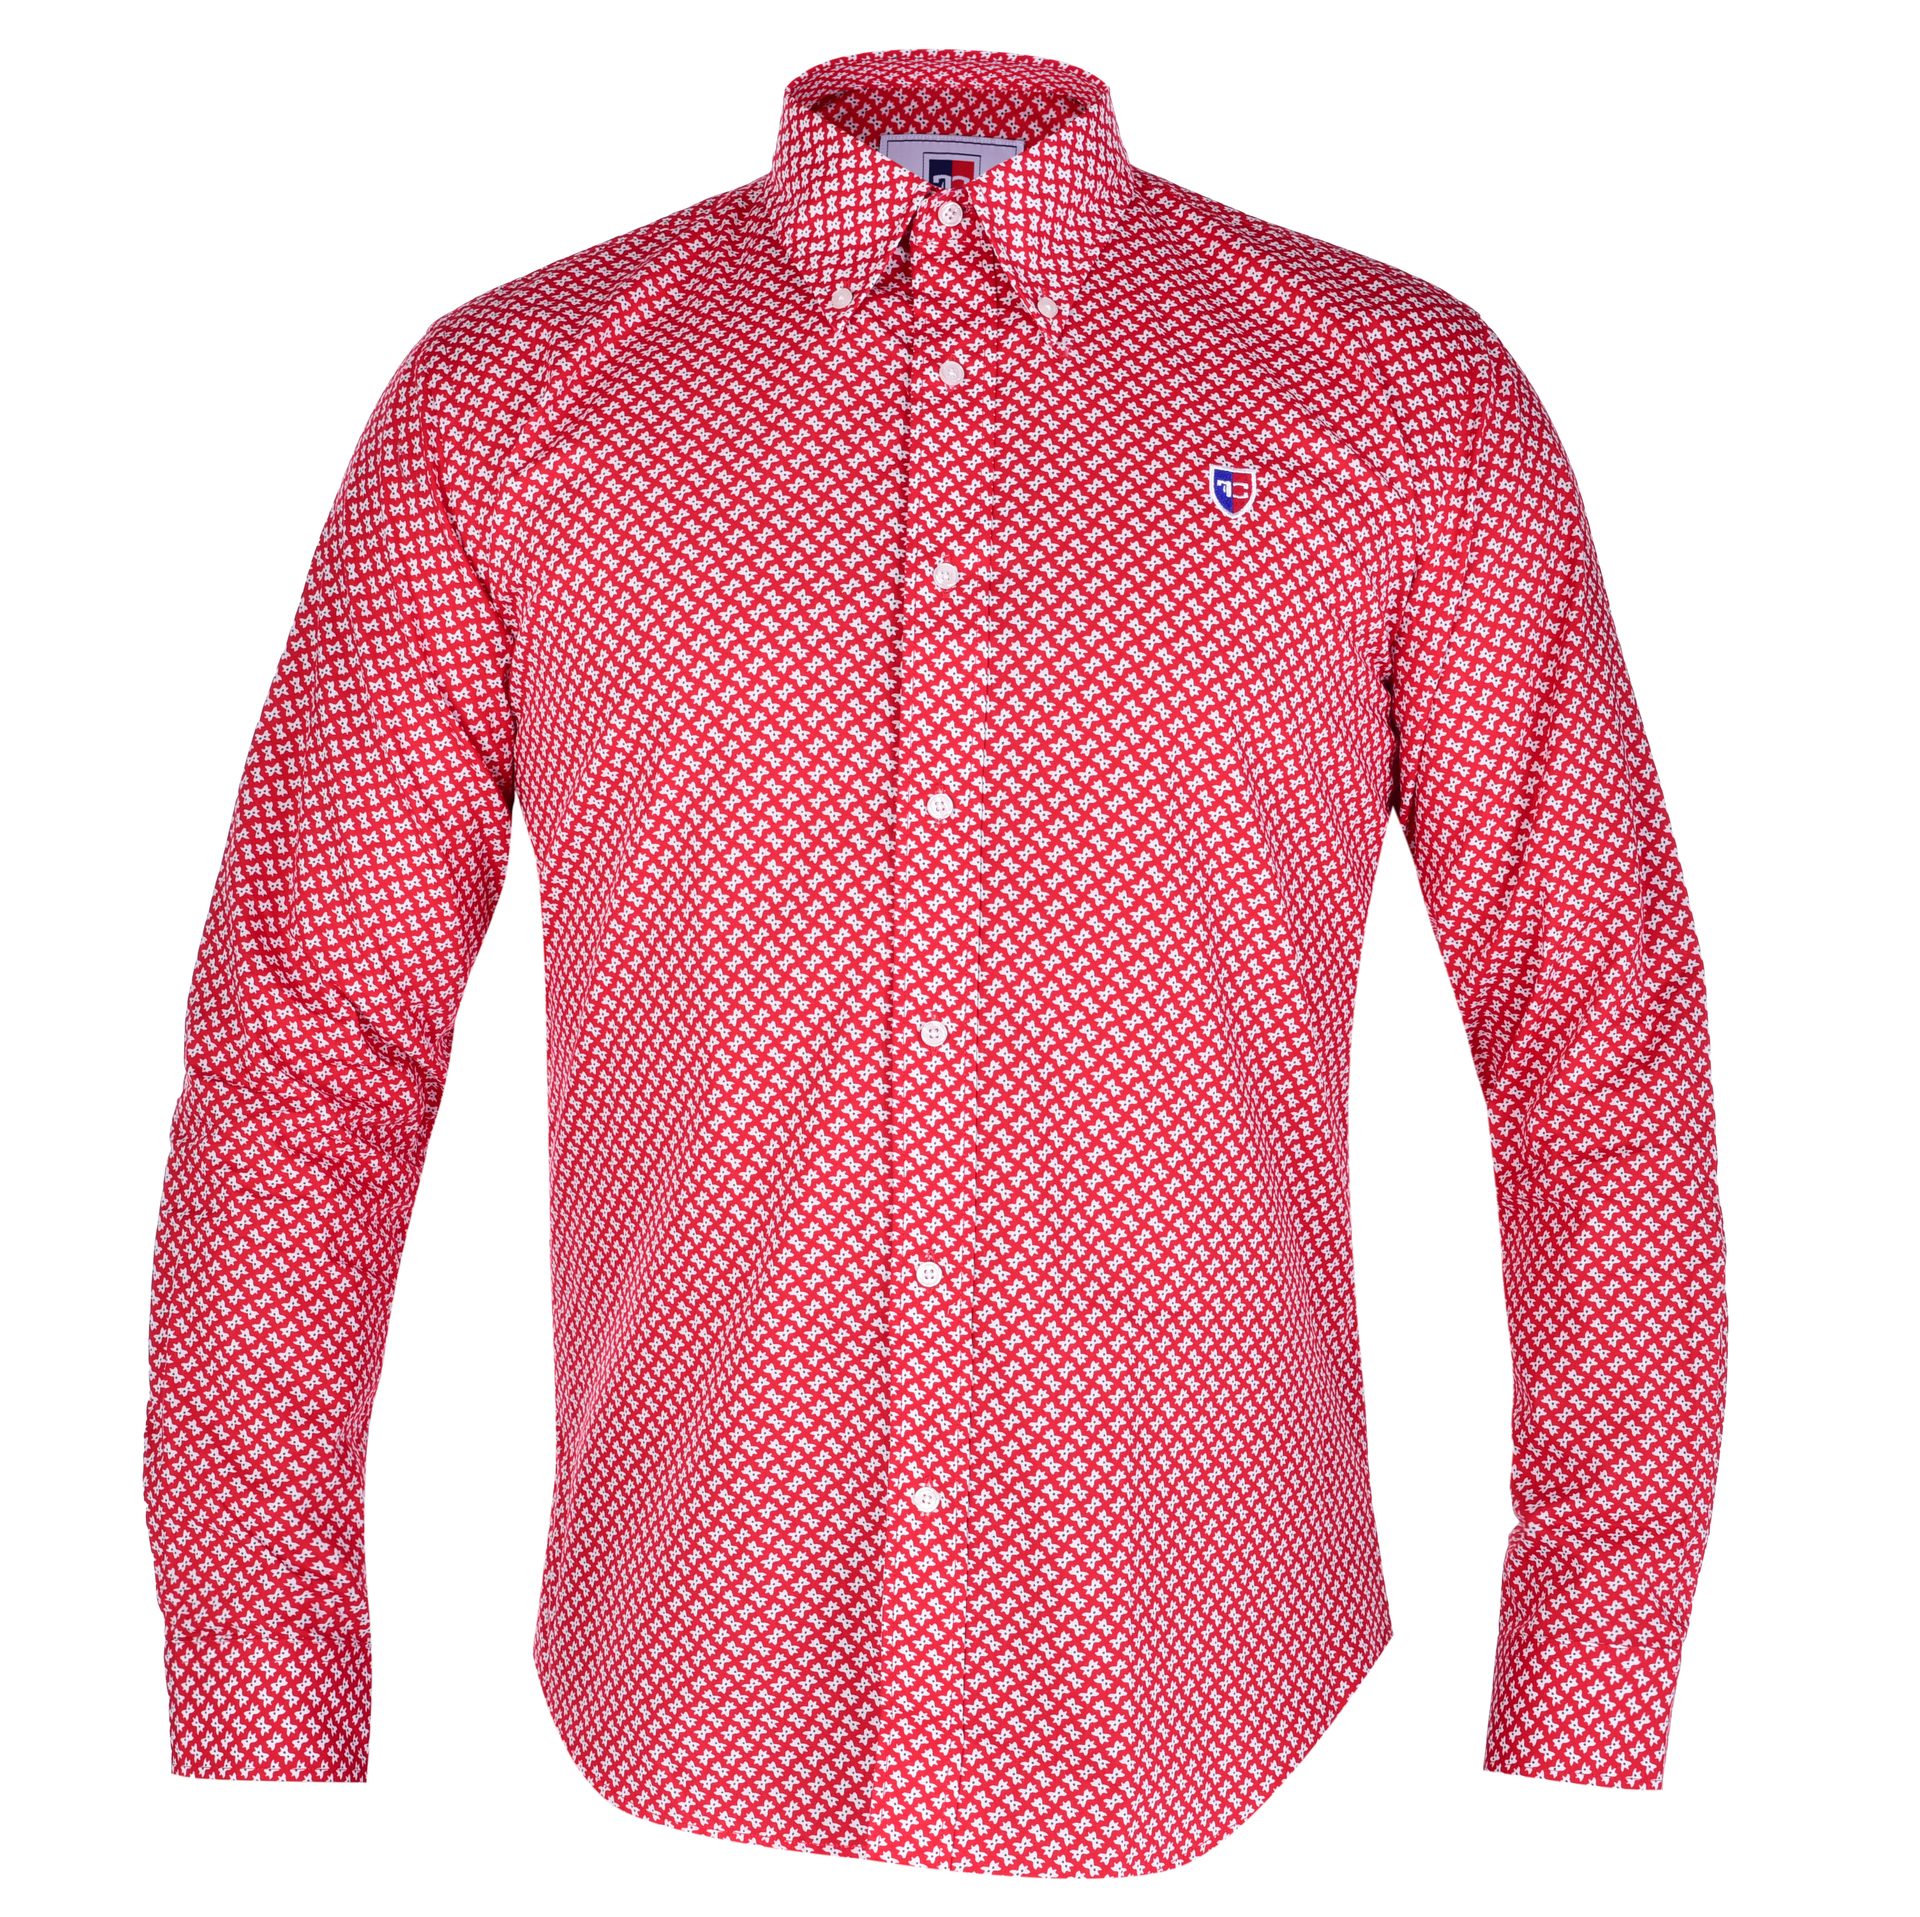 KENT košile slim fit s dlouhým rukávem  red & white L